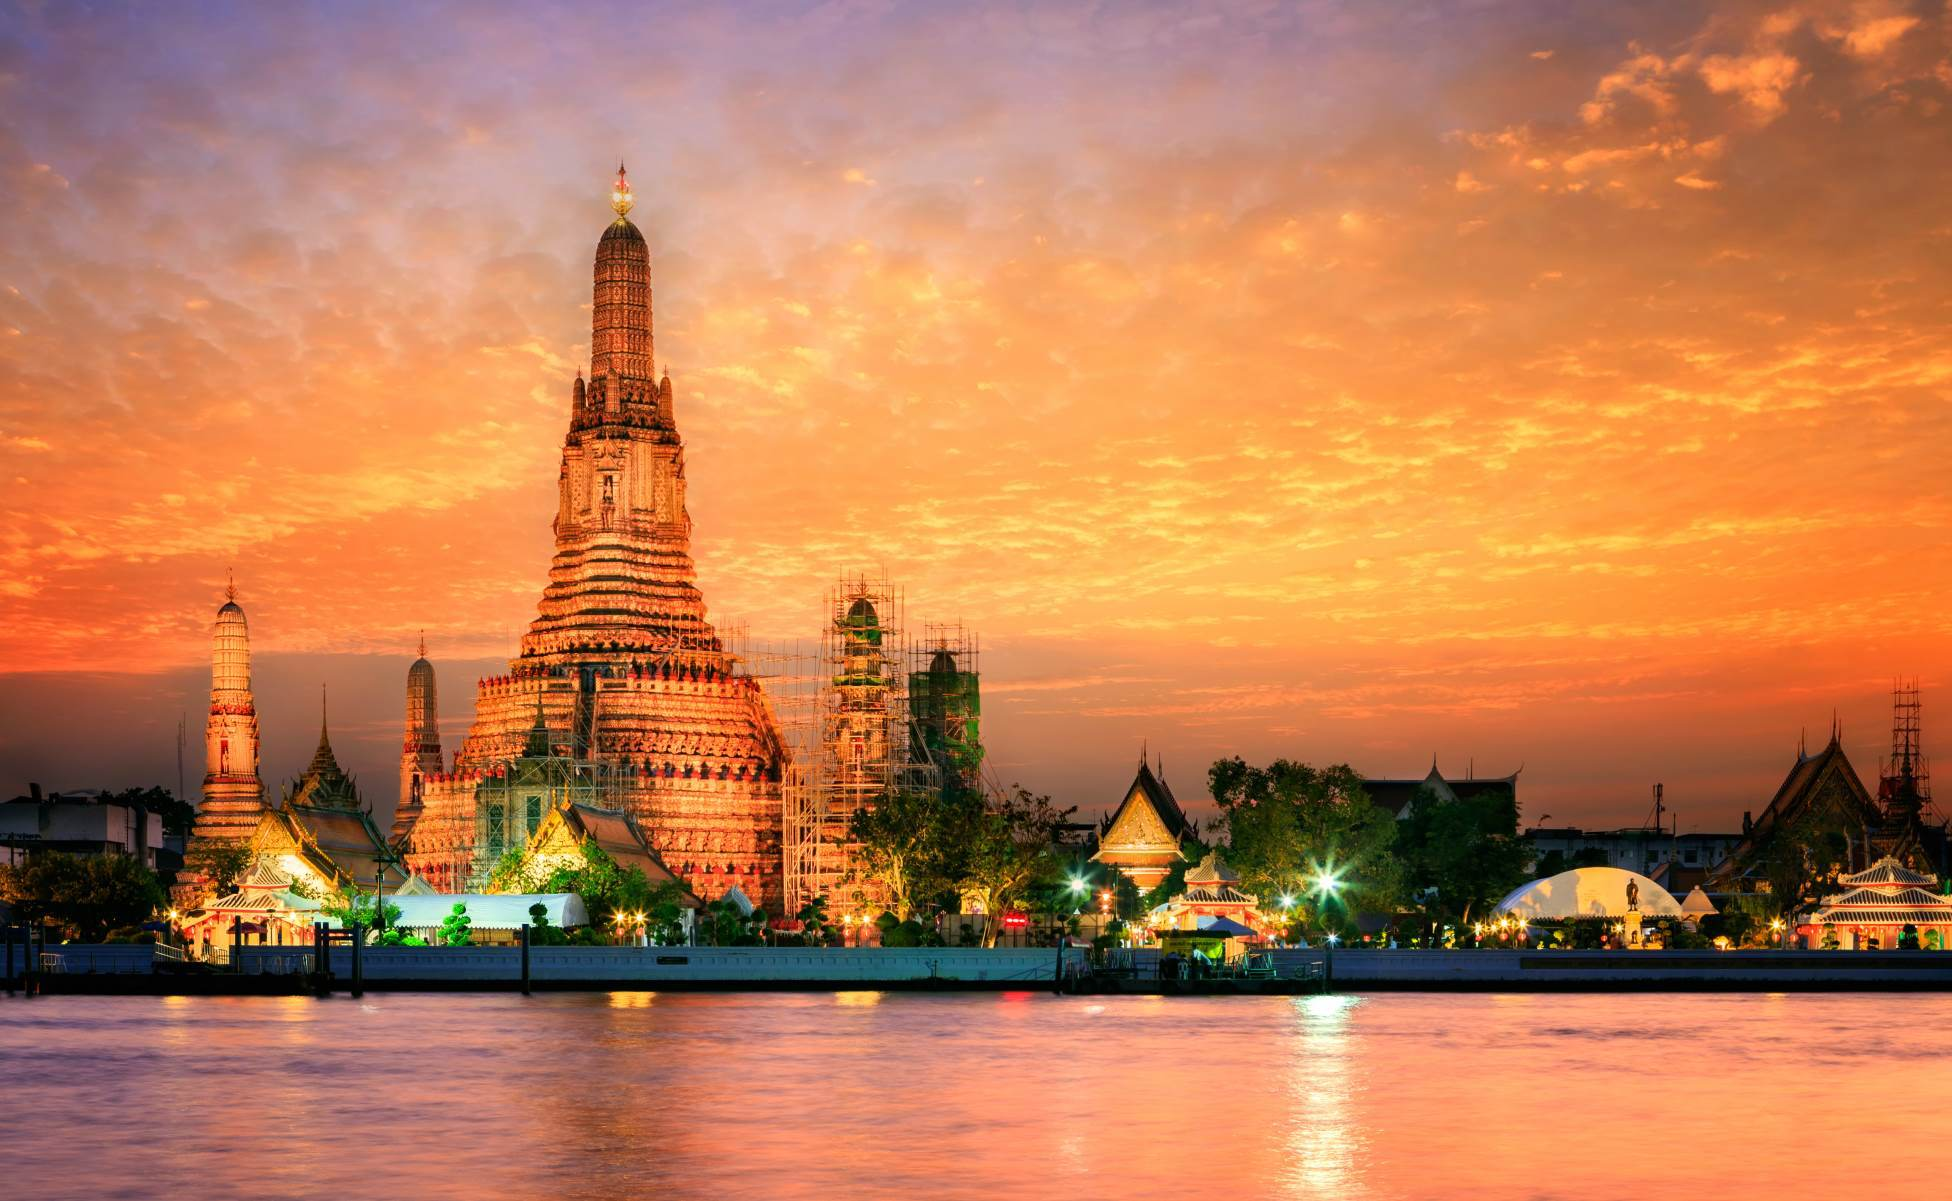 que ver en Bangkok en 3 dias